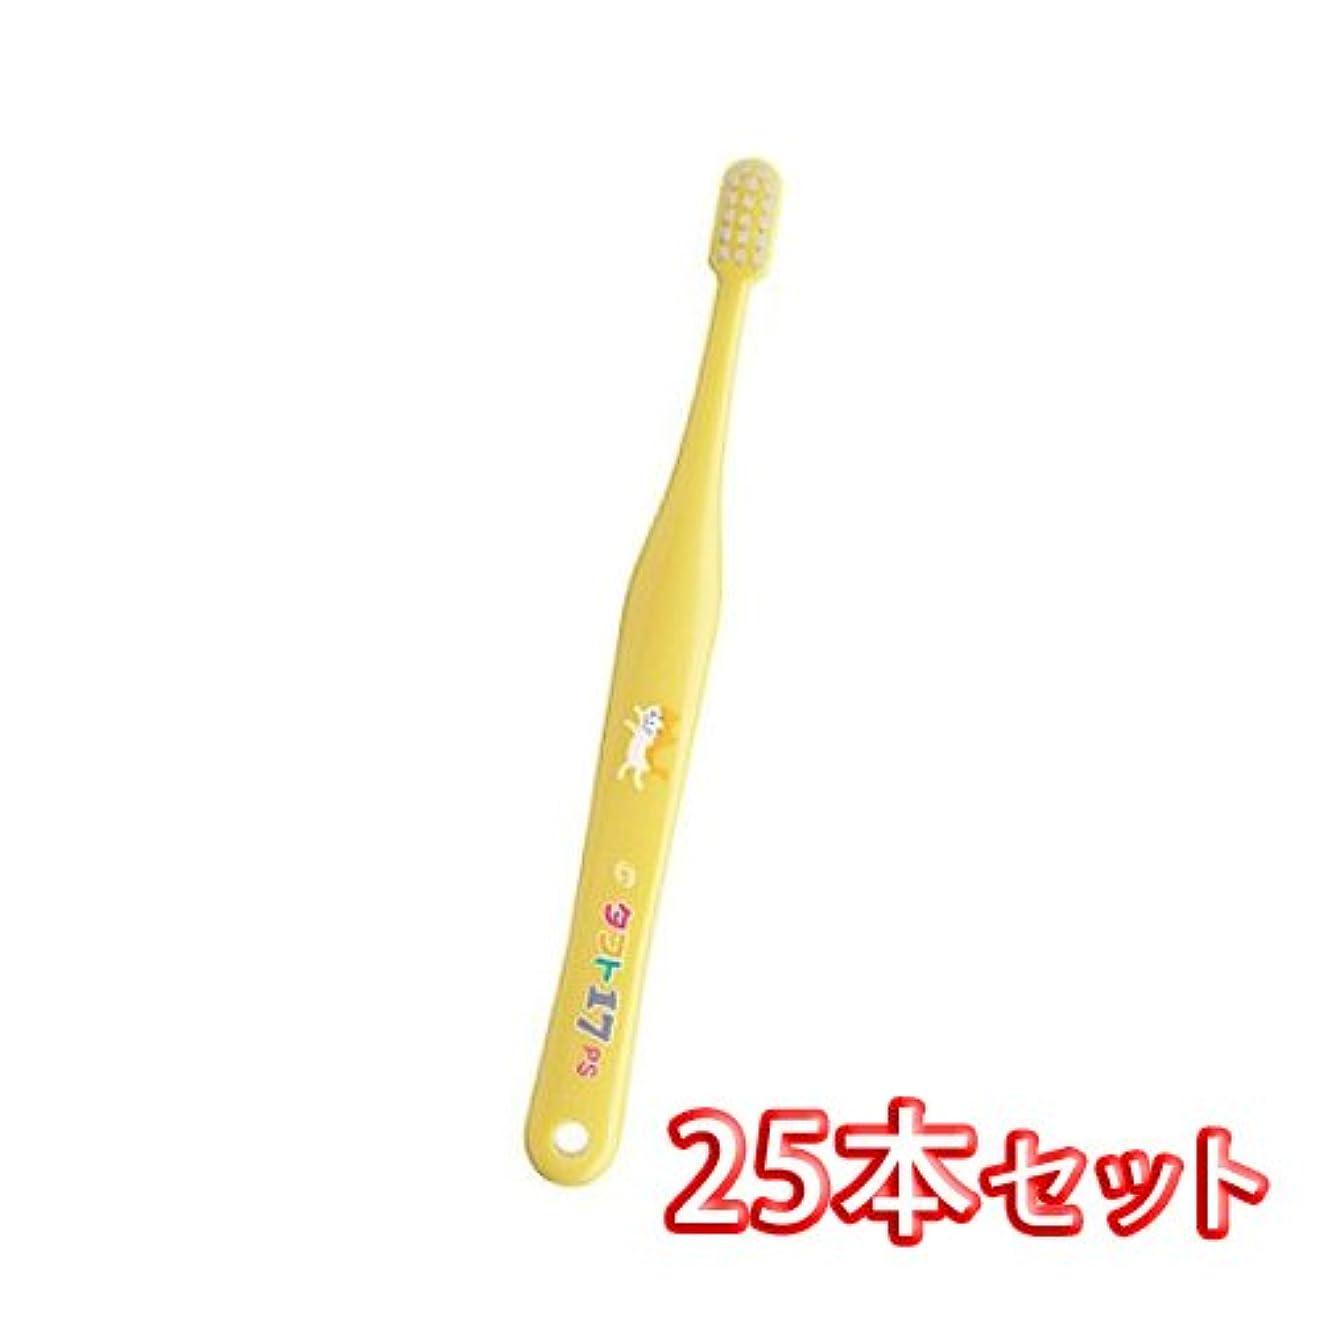 遠近法一貫した魅惑するオーラルケア タフト 17 歯ブラシ プレミアムソフト 25本入 (タフト17(PS)イエロー)